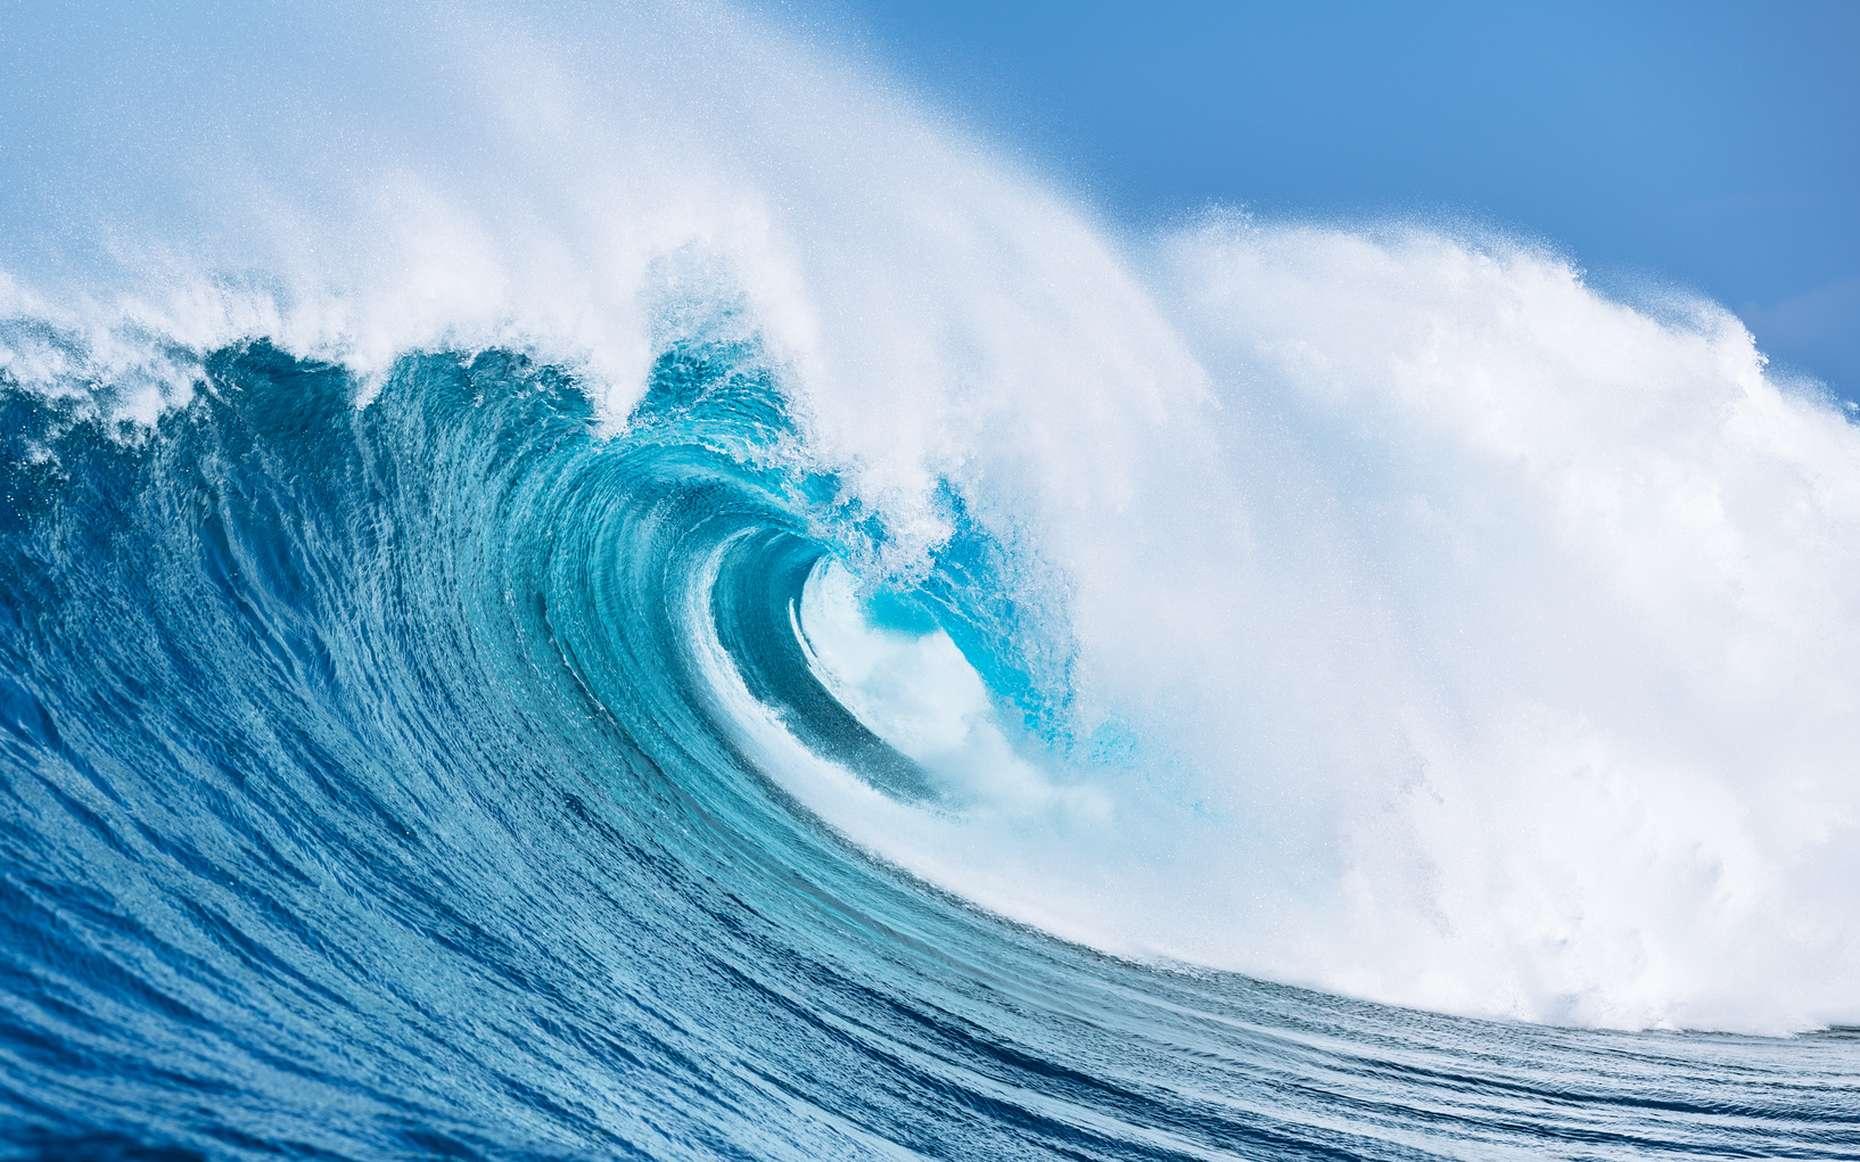 La vague de Belharra fait le bonheur des surfeurs dans le Pays basque. Si elle est très rare, cette année est s'est déjà formée le 8 janvier 2014. © EpicStockMedia, Fotolia